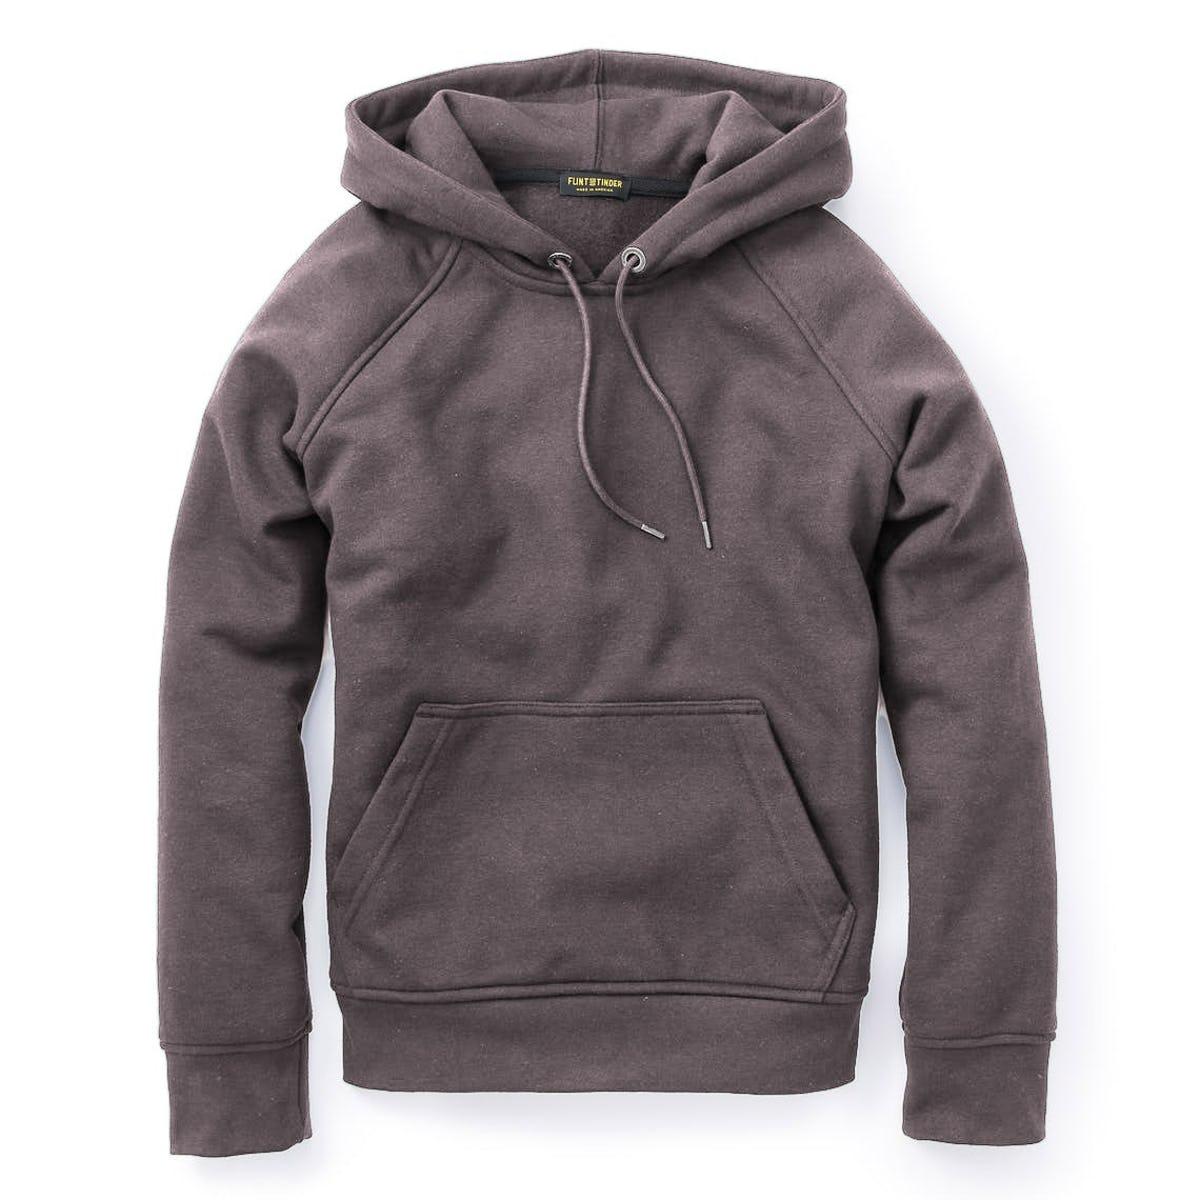 Flint and tinder hoodie